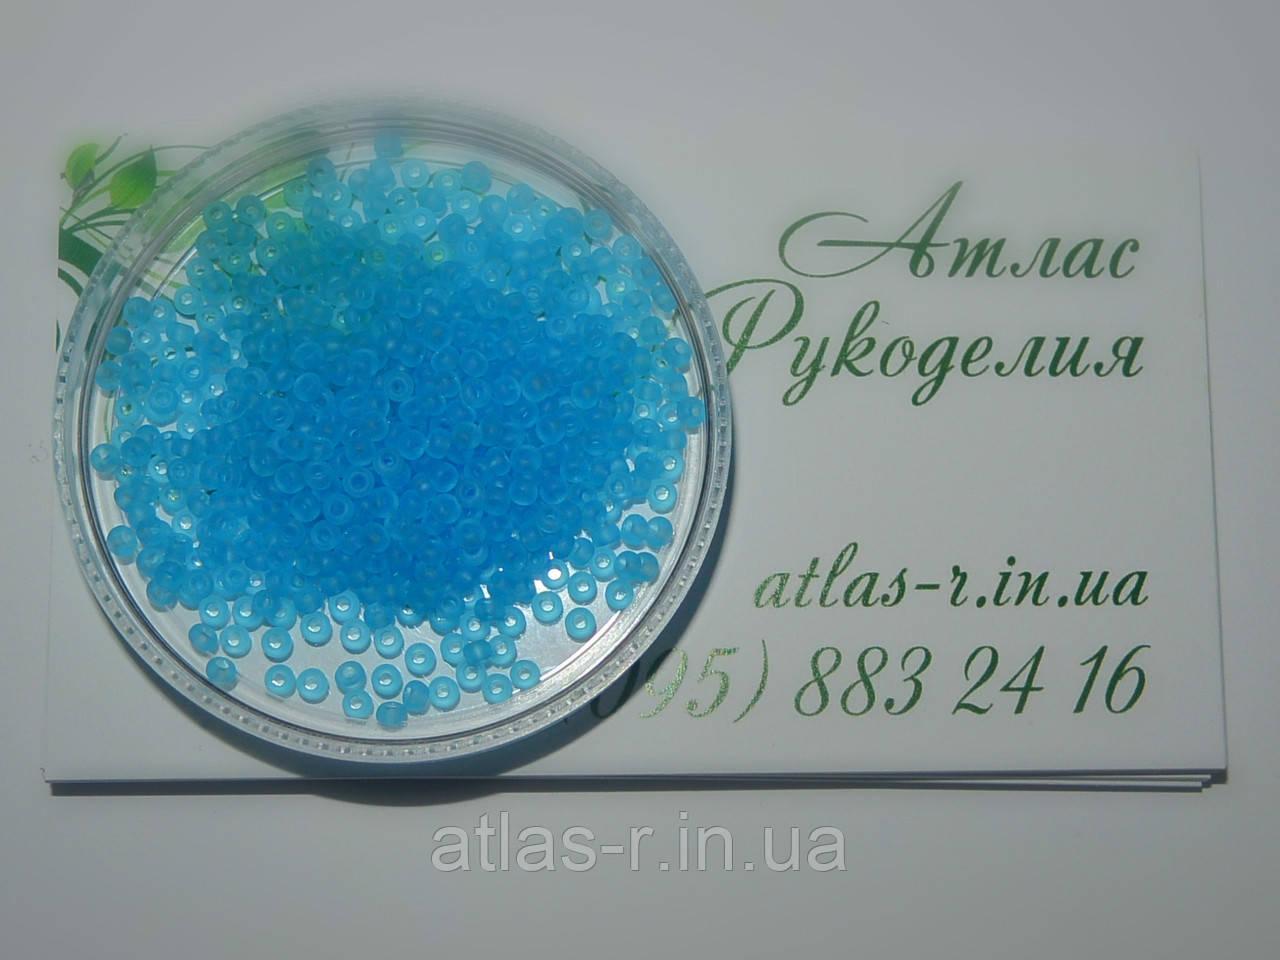 Бисер Preciosa Чехия №60010 matt 1г, светло-голубой, прозрачный, матовый